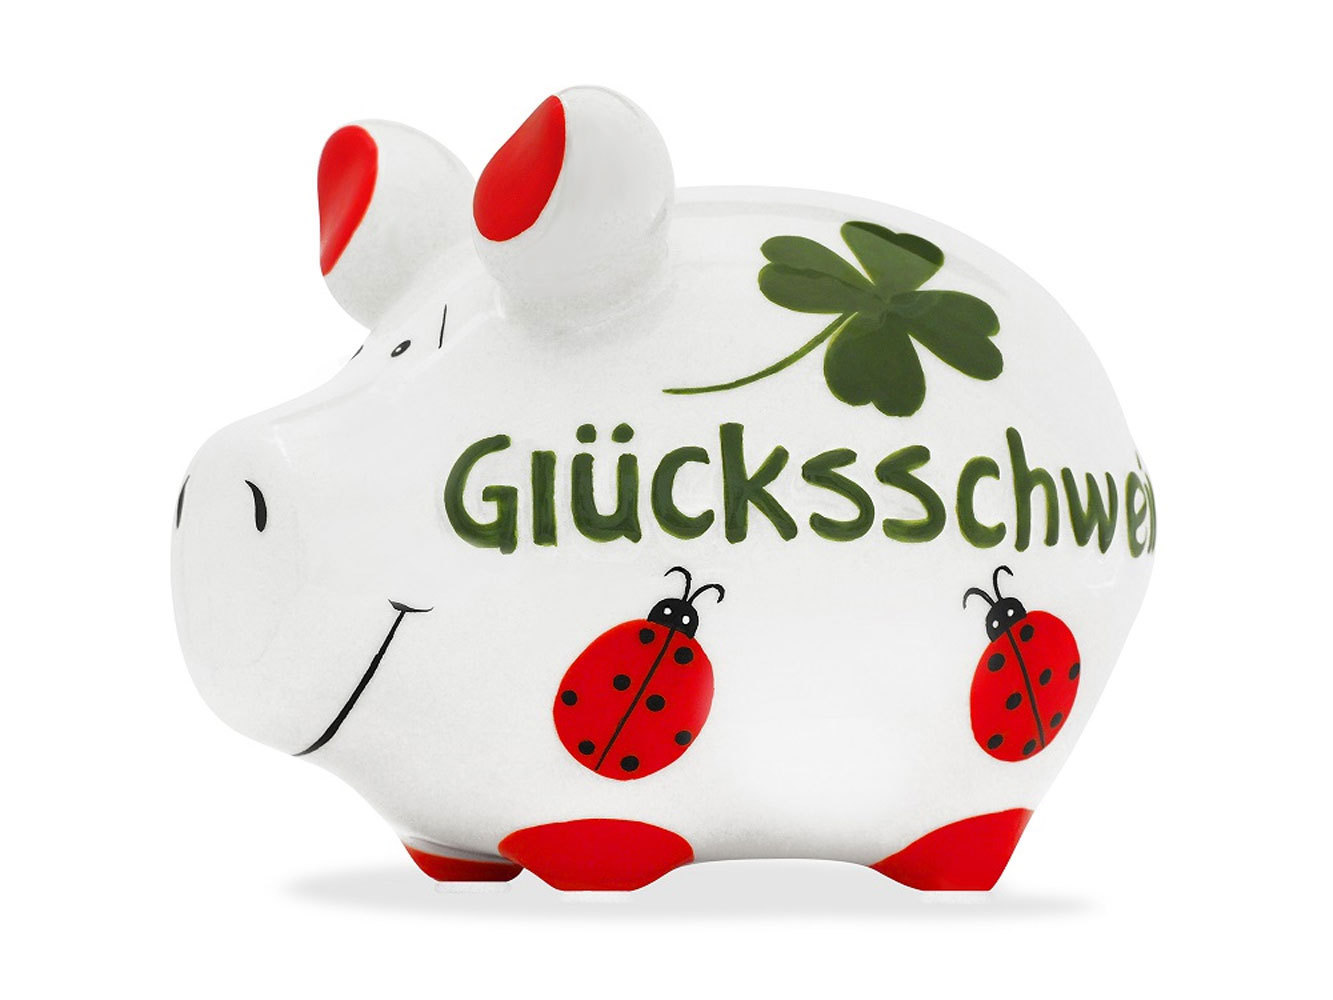 Sparschwein Glücksschwein Käfer Spardose Sparbüchse Keramik Geldgeschenk